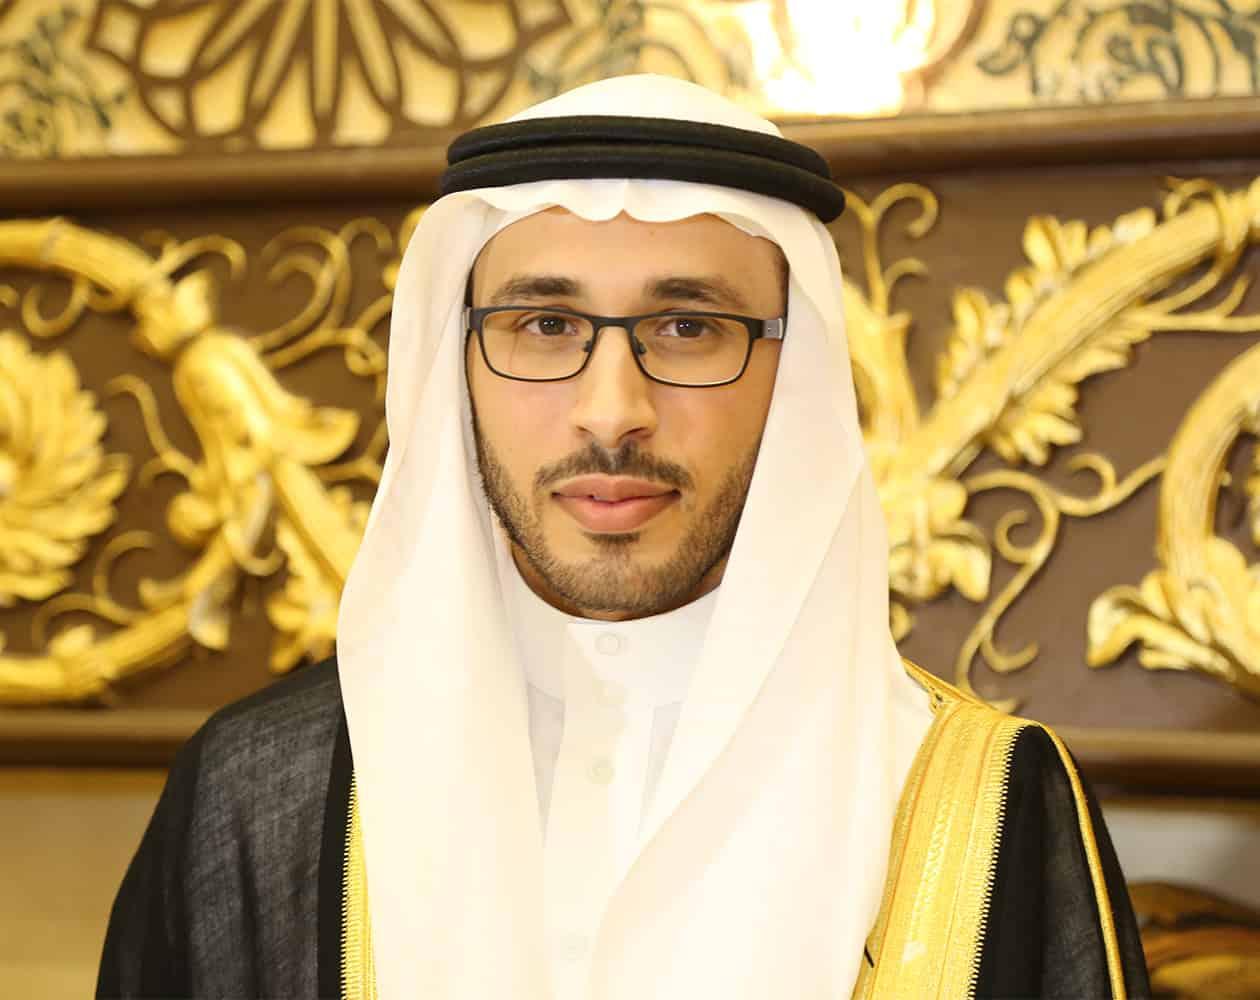 أحمد الميمان، رئيس قسم المعلومات